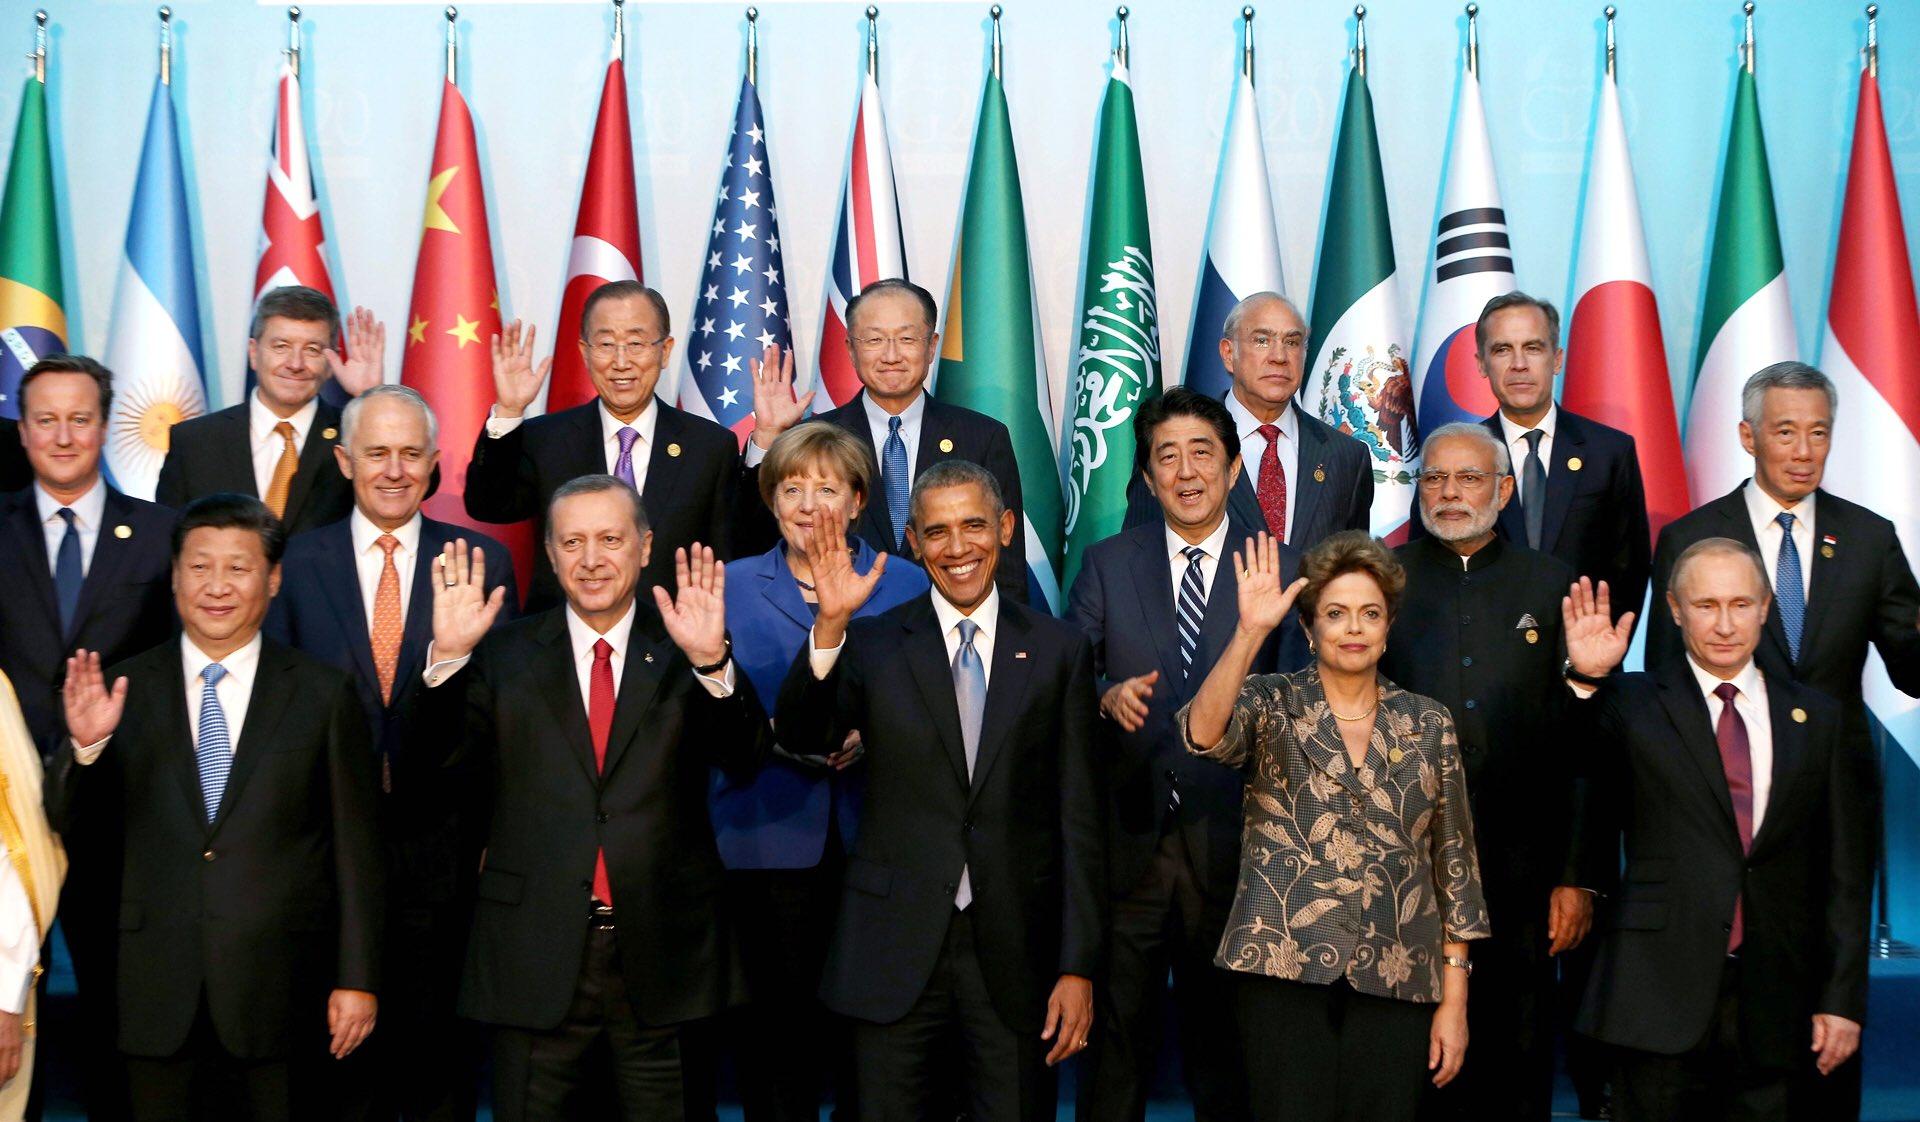 Sitio oficial de la presidencia argentina del G20 el principal foro internacional para la cooperación económica financiera y política